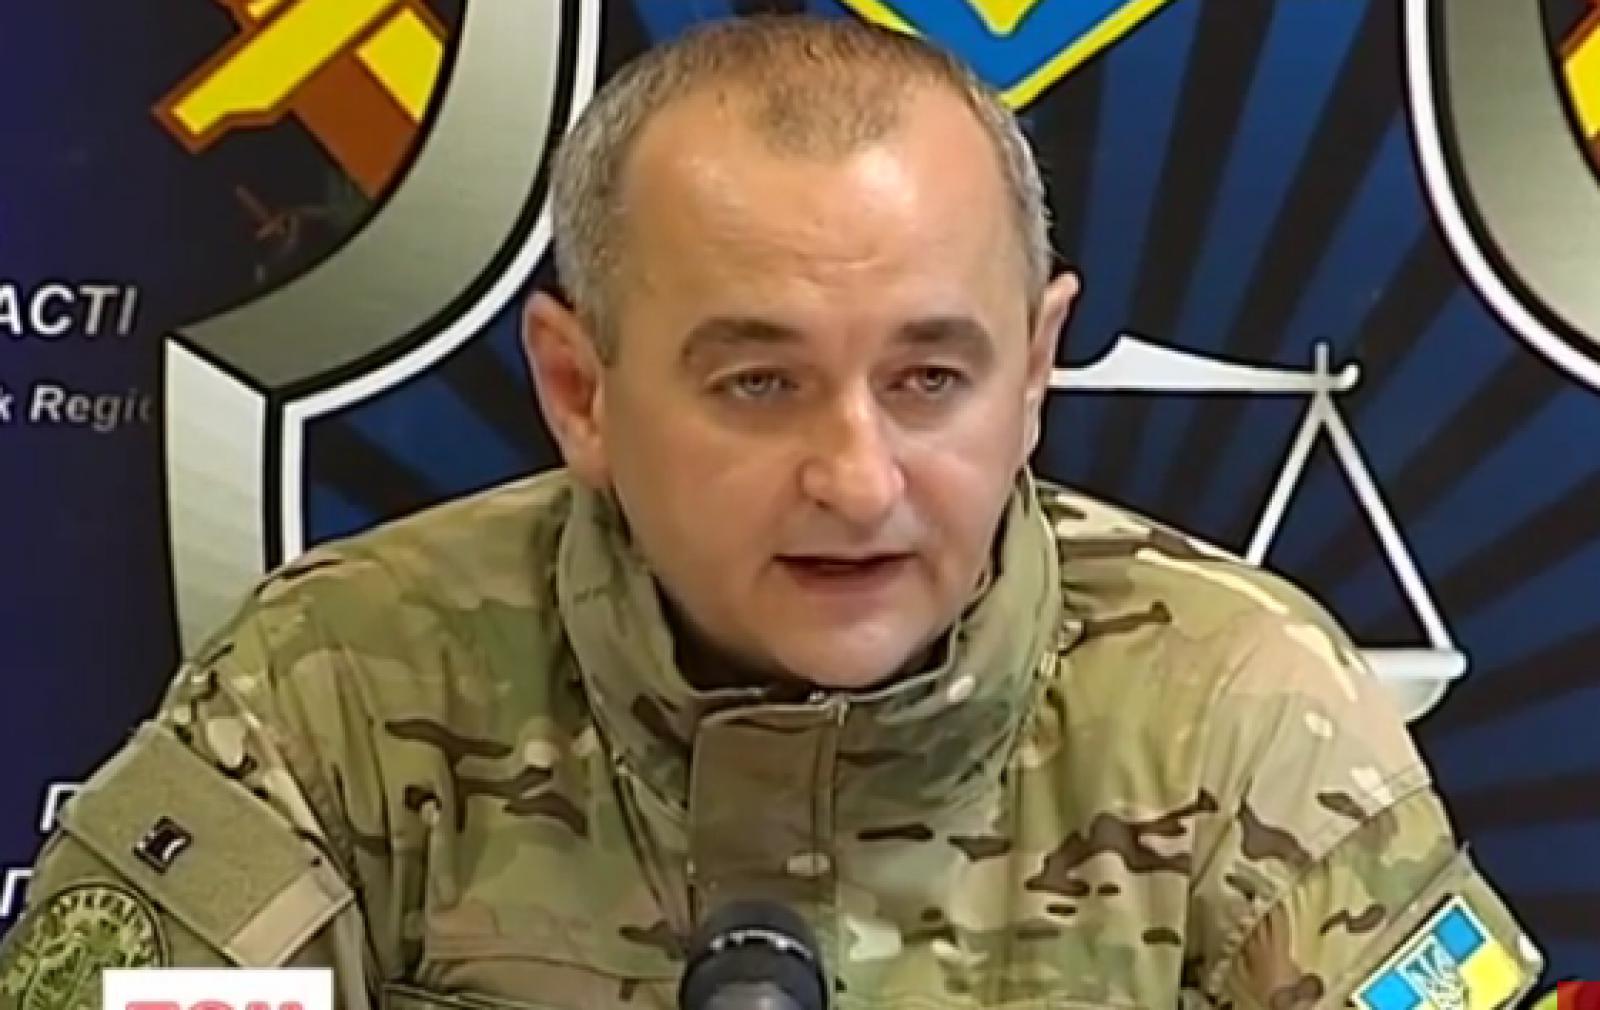 В суд направлены дела против 6 предателей-военнослужащих